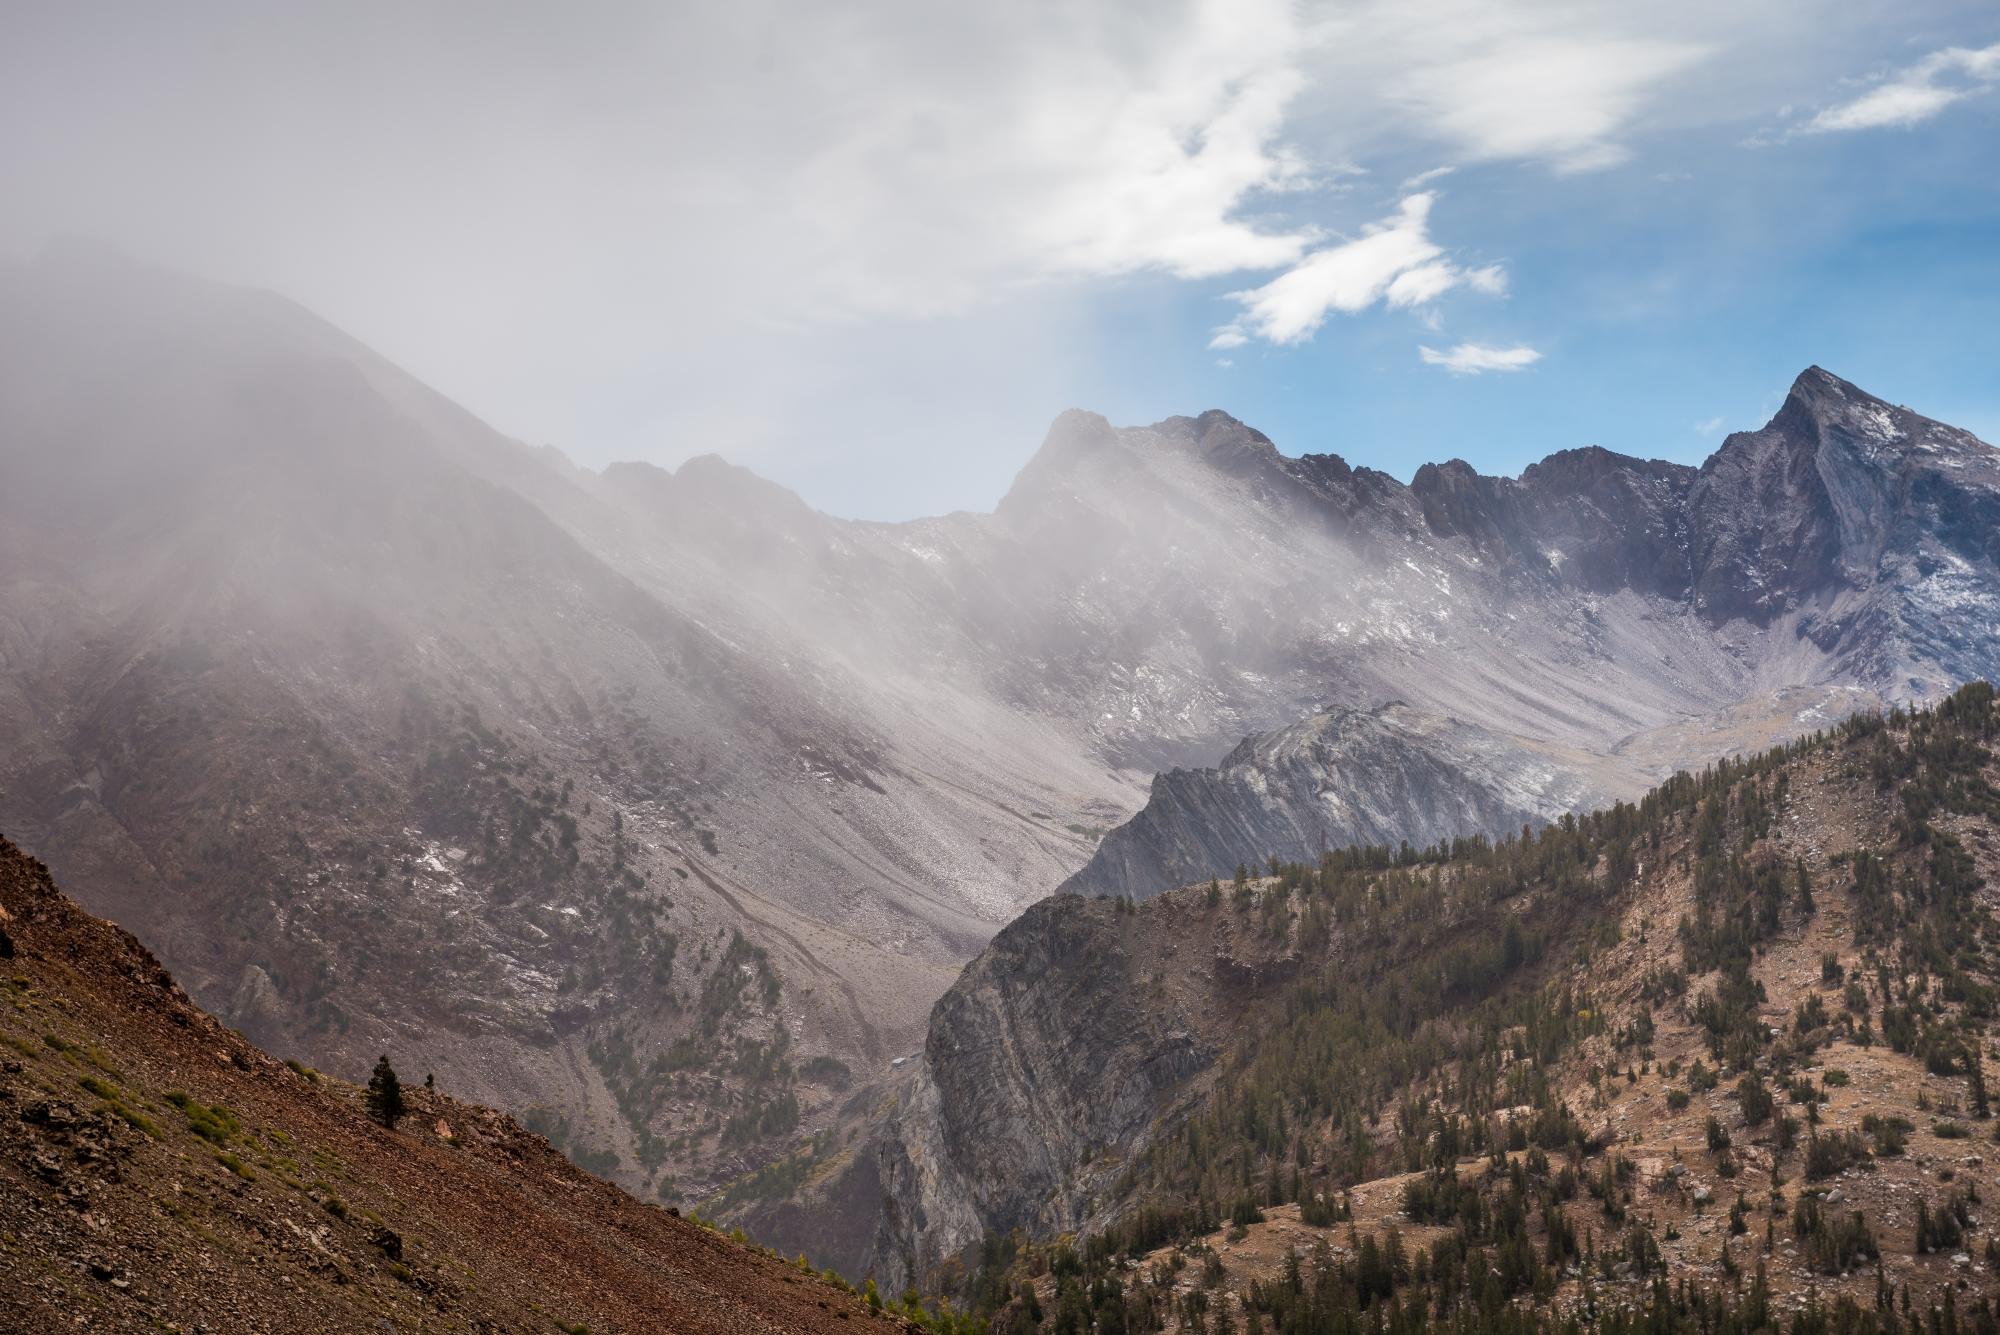 DSC4519 - Mountain Showers in John Muir Wilderness